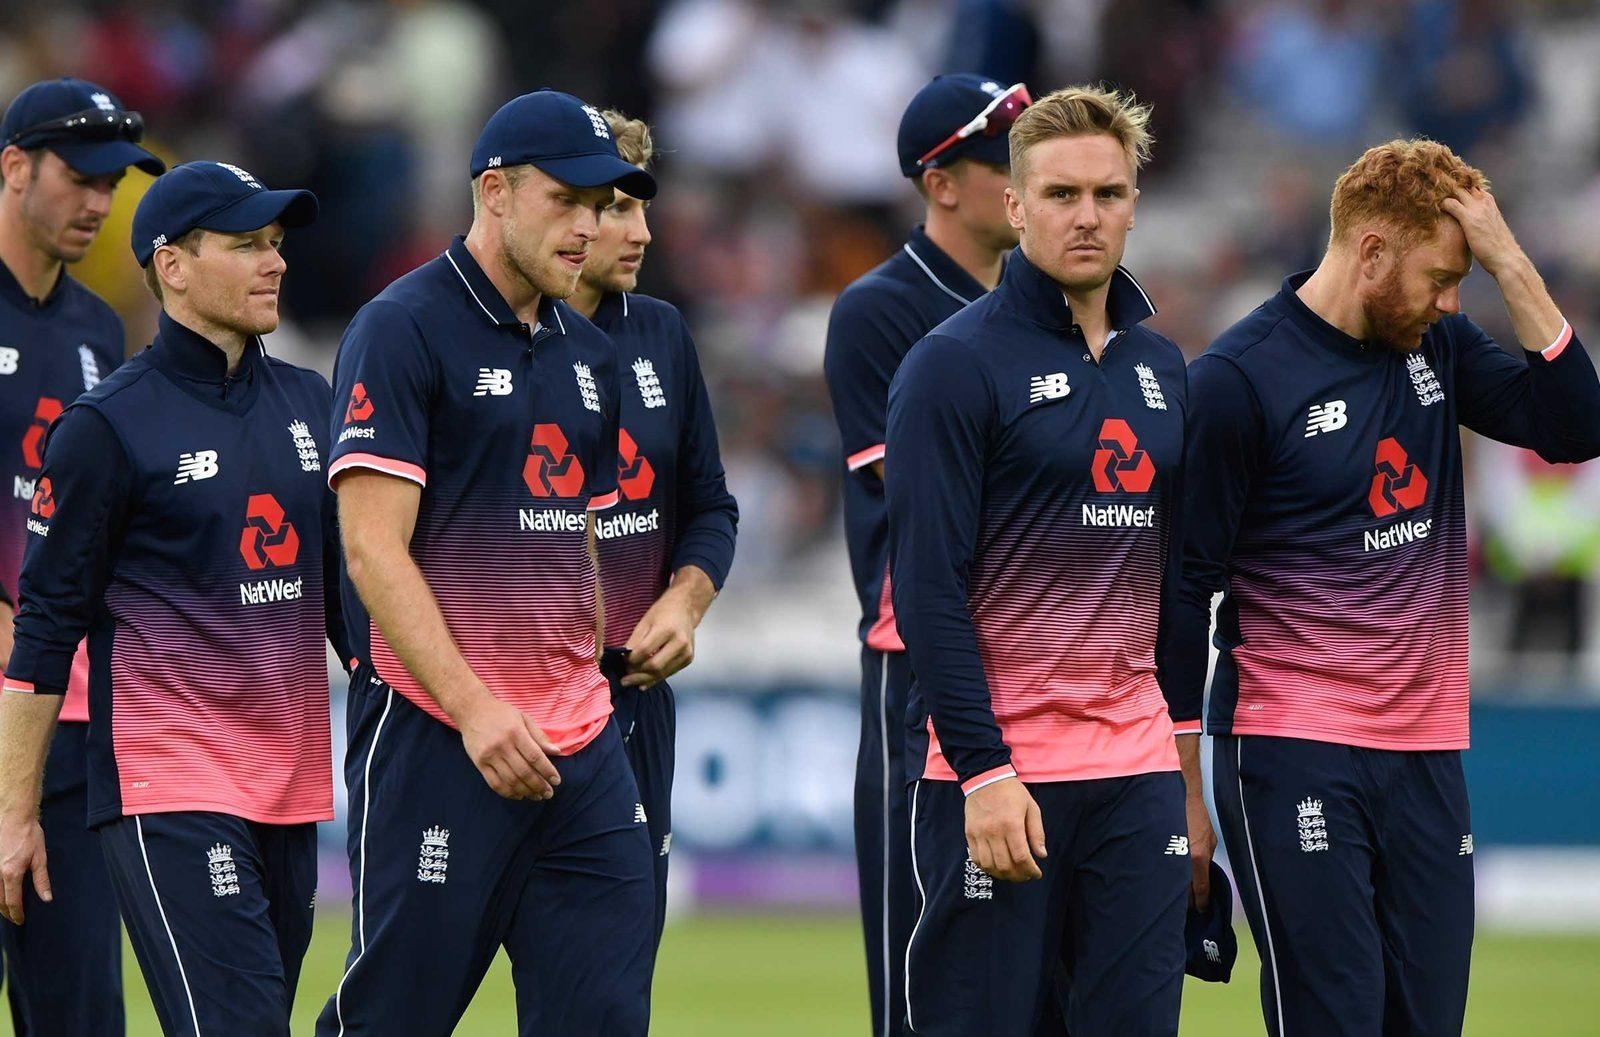 इंग्लैंड क्रिकेट बोर्ड ने जारी किया नोटिस, इस दिन आईपीएल छोड़ स्वदेश लौटें सभी खिलाड़ी 7